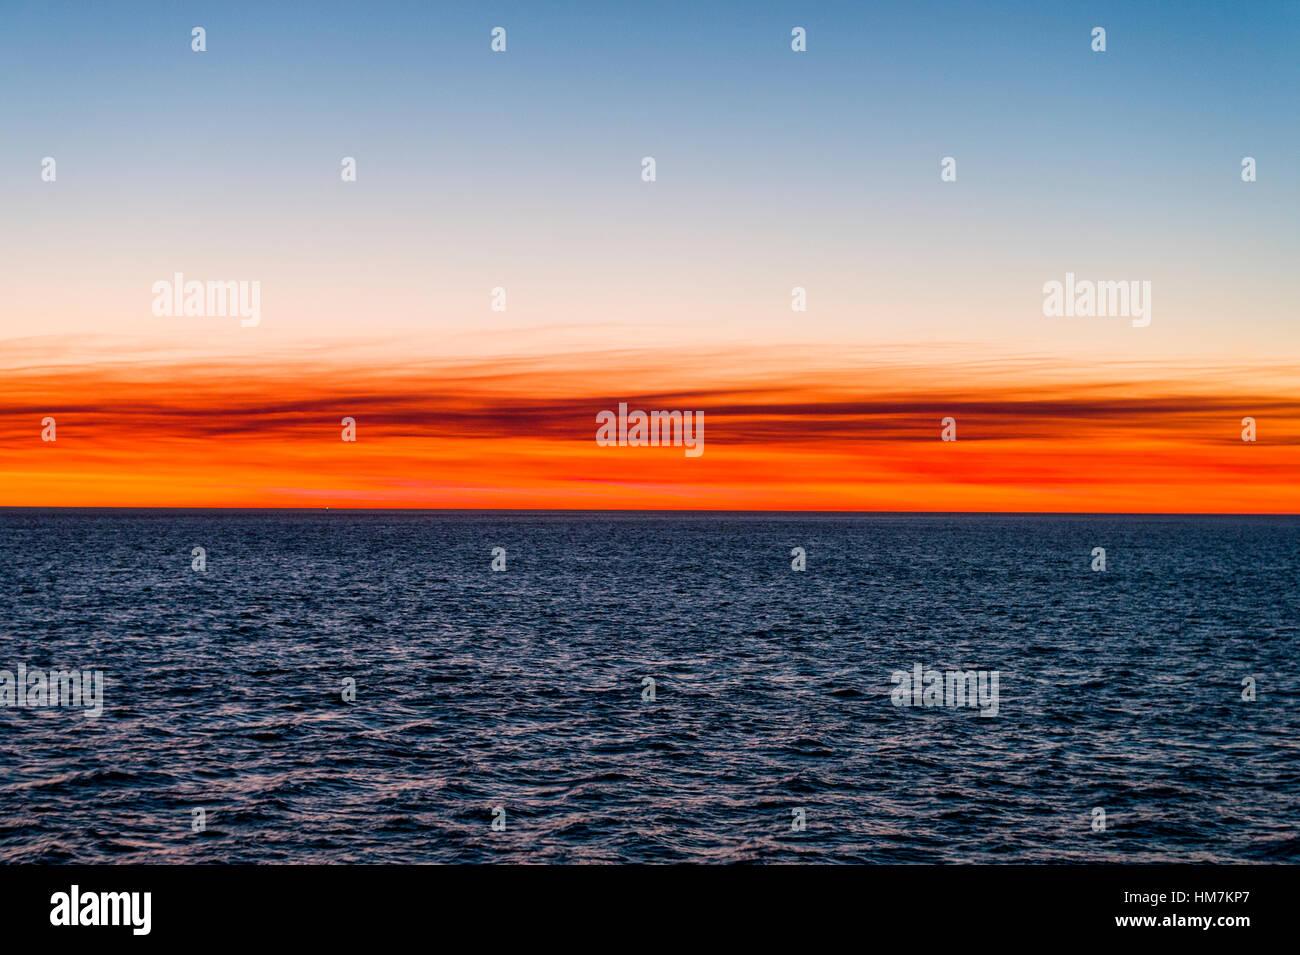 Flammende rote Abendrot über den Ozean Horizont bei Sonnenuntergang. Stockbild